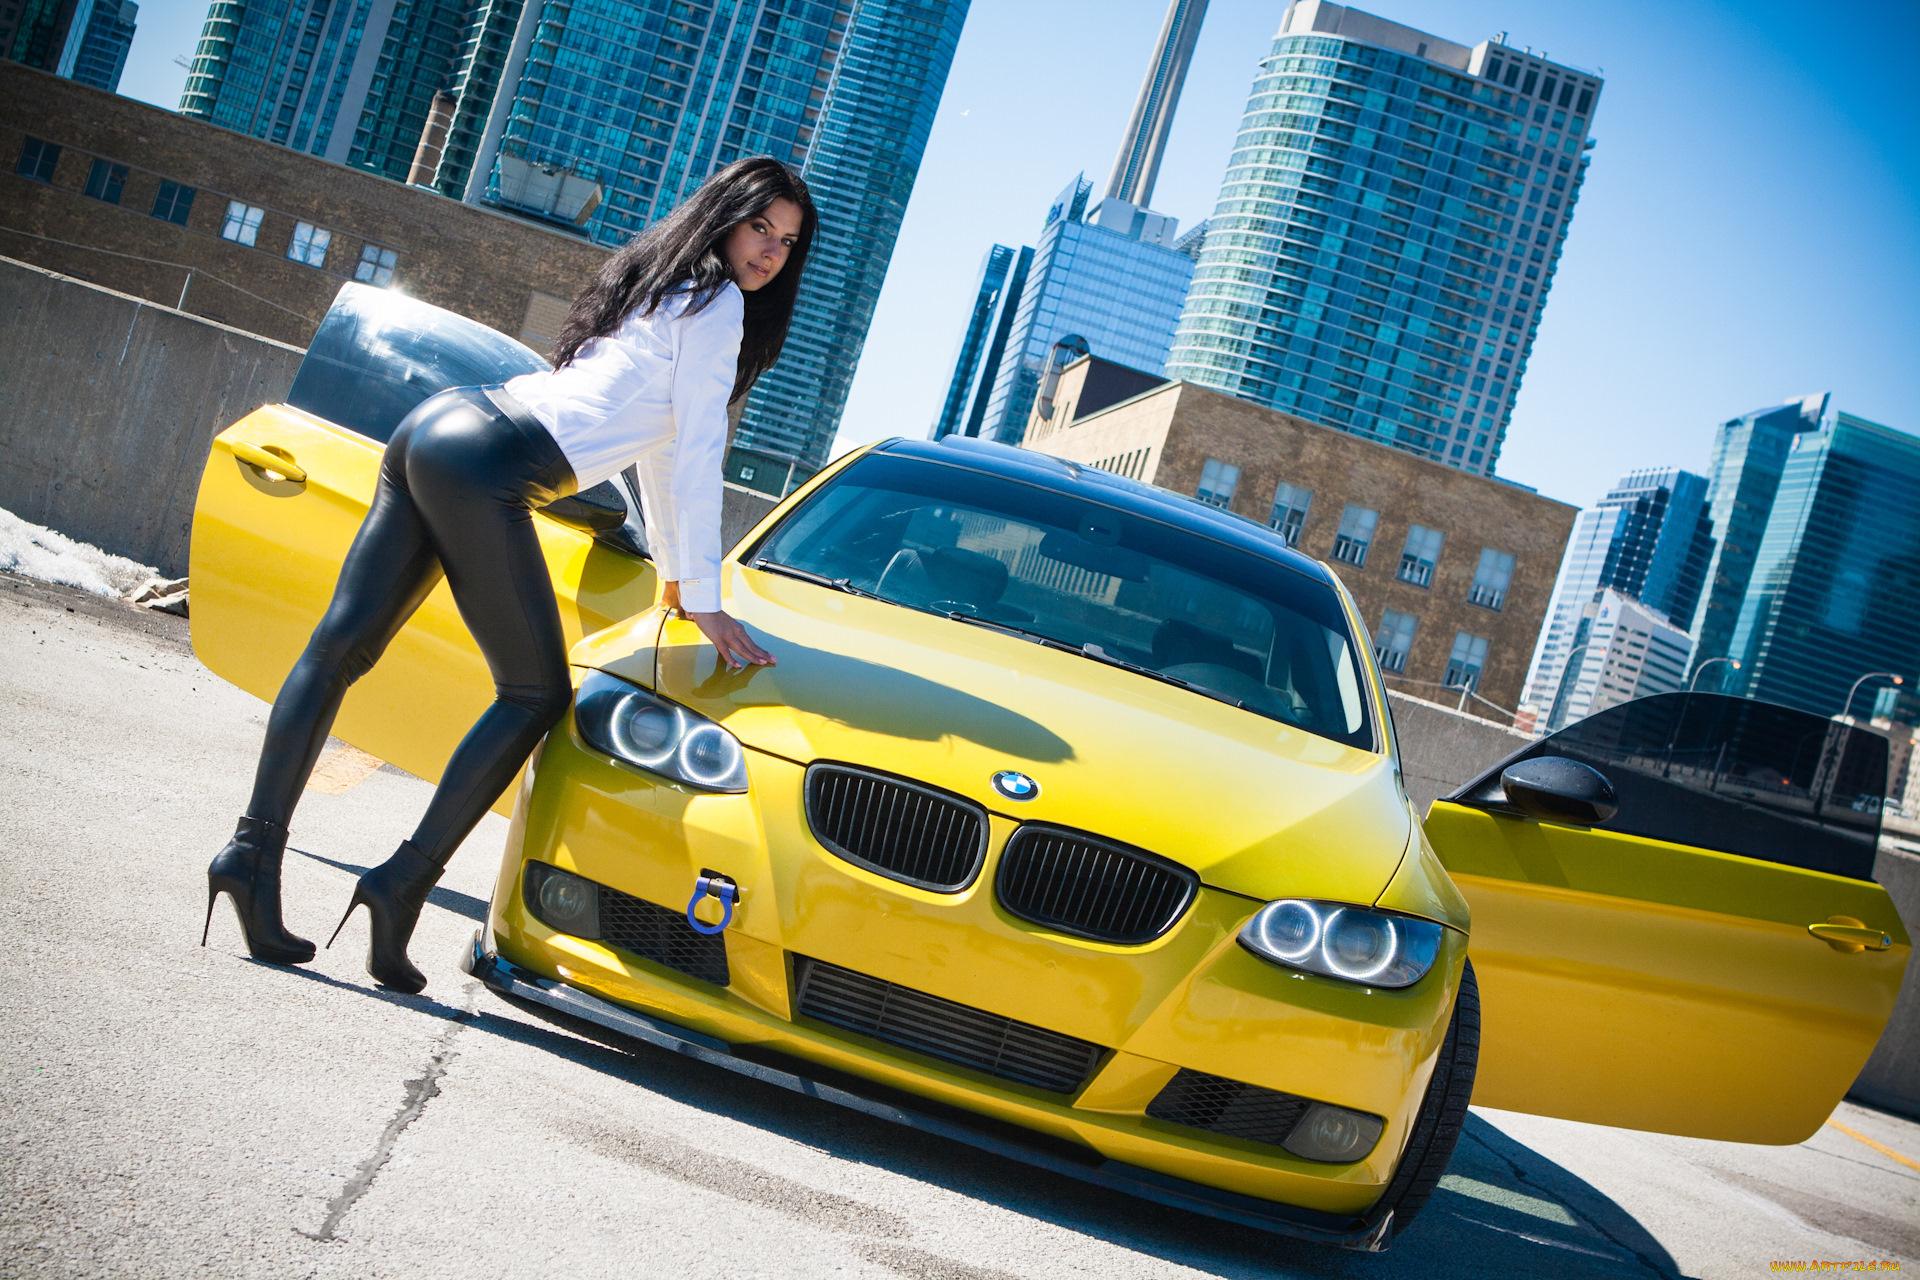 Фото авто девки, Сексуальные девушки и автомобили 15 фотография